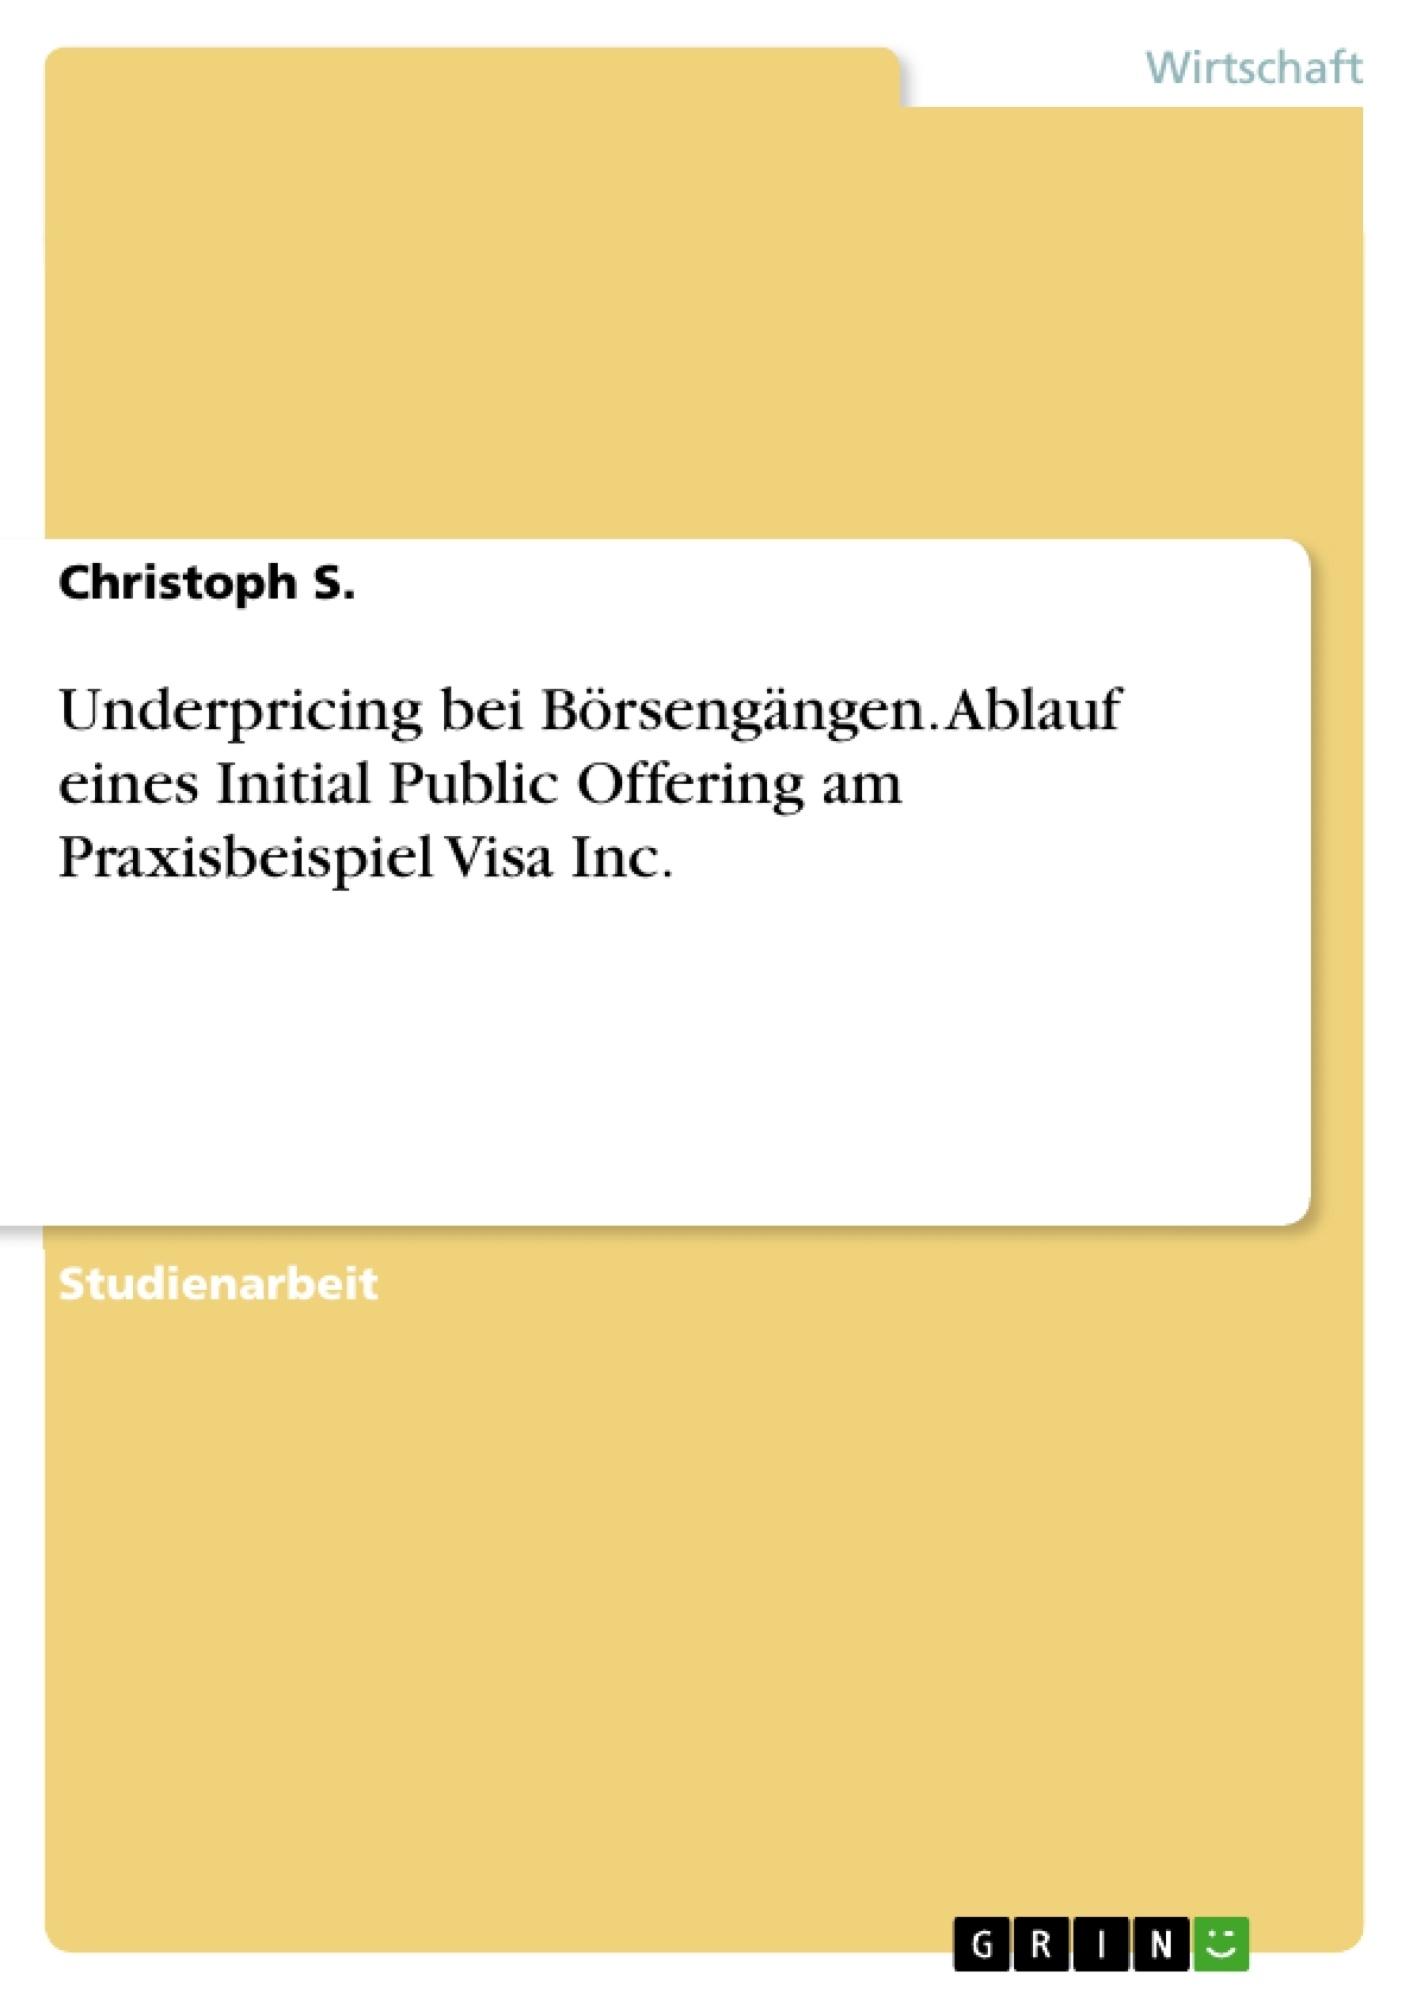 Titel: Underpricing bei Börsengängen. Ablauf eines Initial Public Offering am Praxisbeispiel Visa Inc.